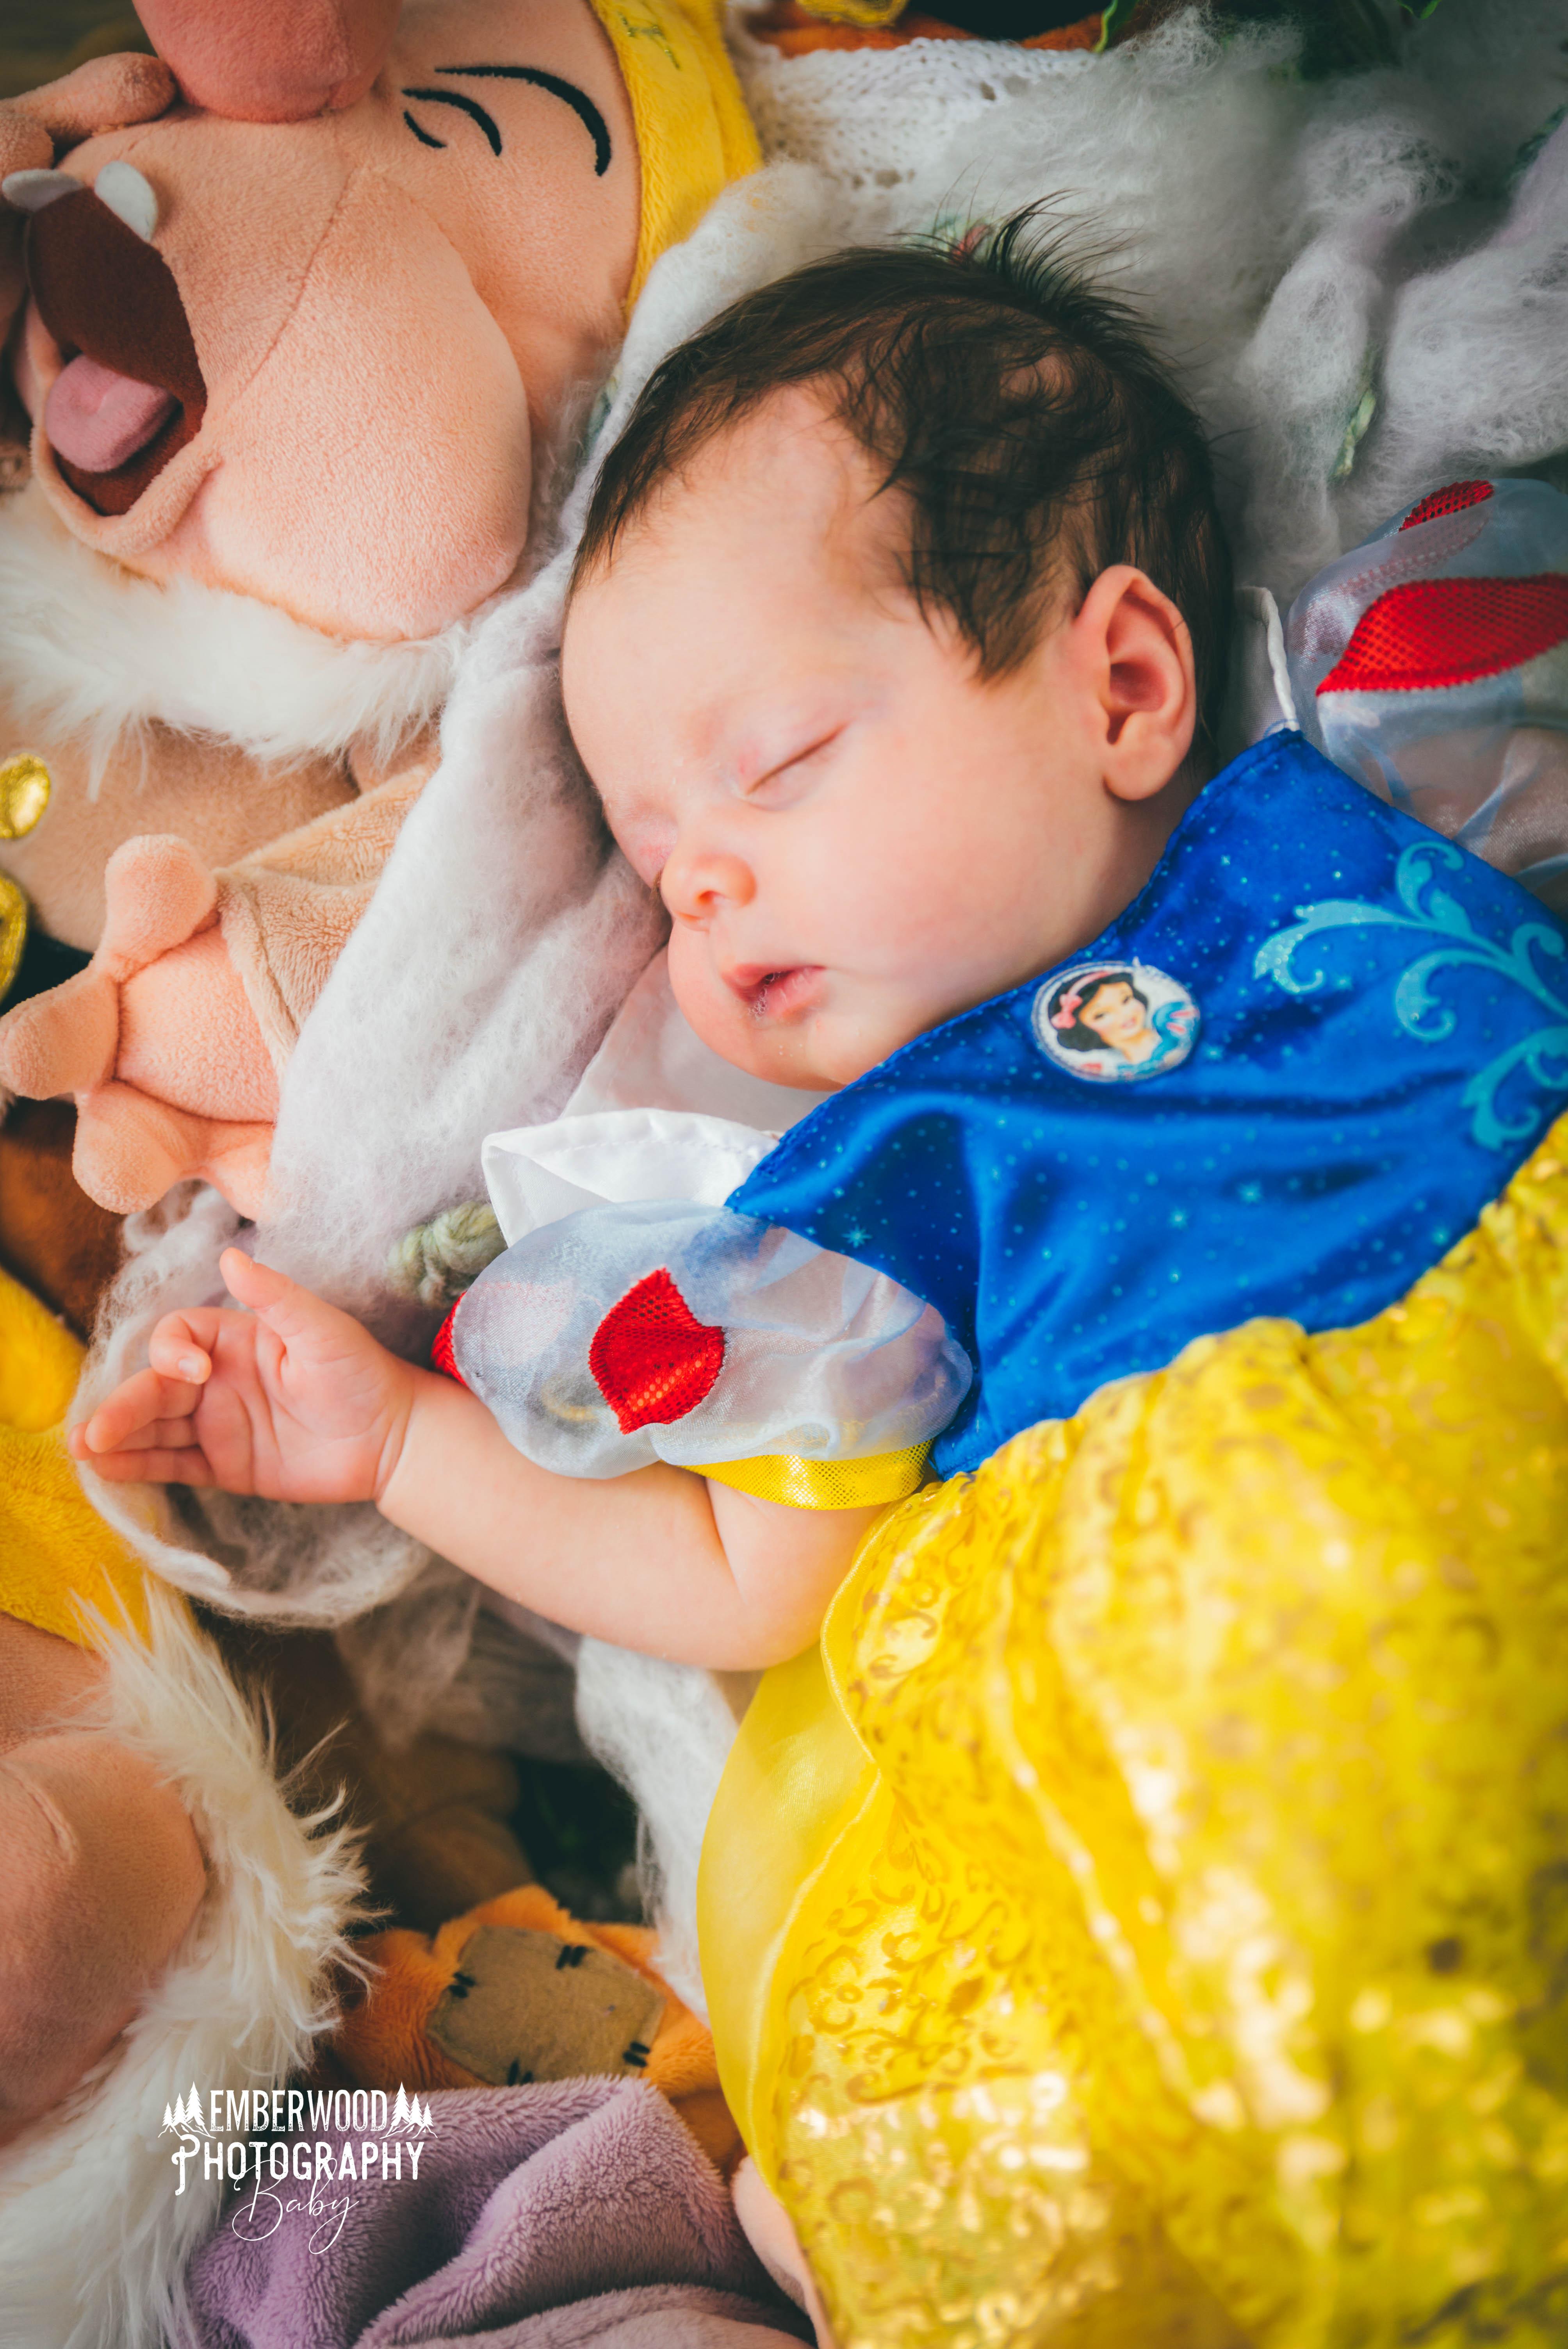 Tesni S Snow White Newborn Photoshoot